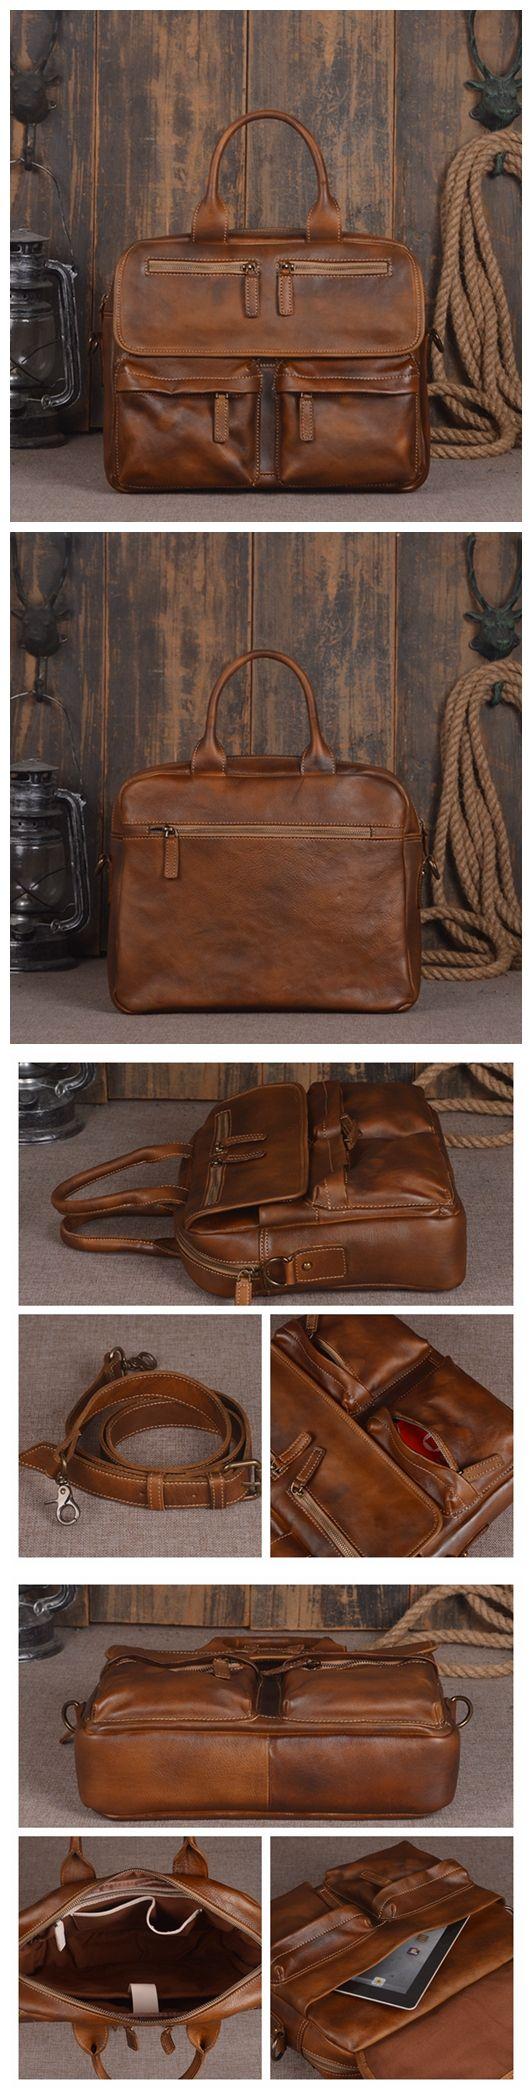 Handmade Vintage Genuine Leather Men's Briefcase Messenger Bag Laptop Bag in Vintage Brown 14134